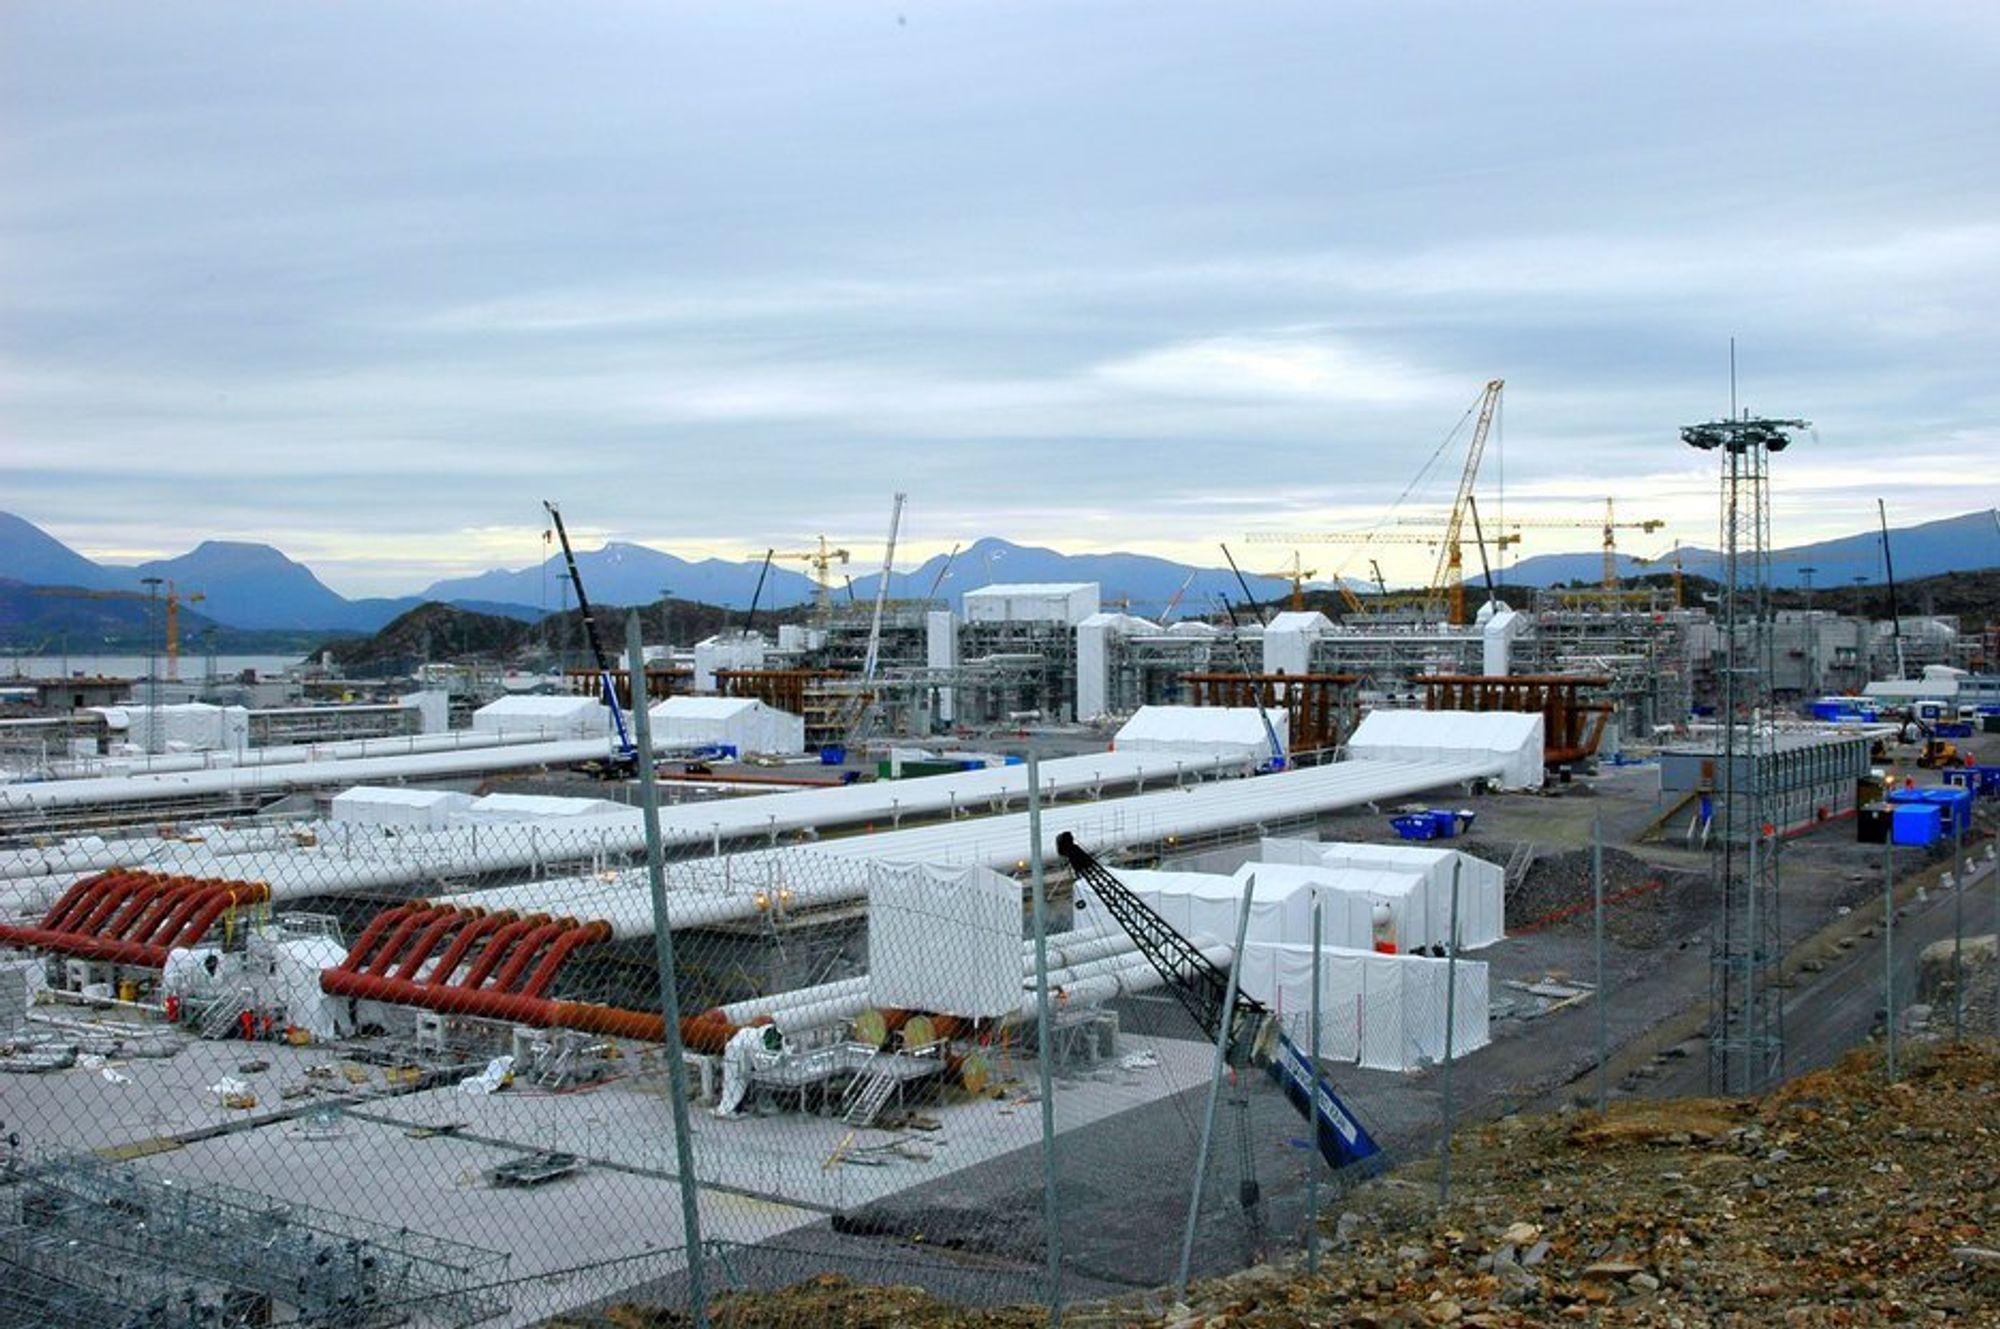 Gassterminalen på Nyhamna har i dag et maksimalt kraftbehov på 170 MW. I brevet understreker Gassco at ny feltutvikling i Norskehavet og  offshore kompresjonsprosjektet på Ormen Lange vil bety at kraftbehovet kan øke med 140 MW.